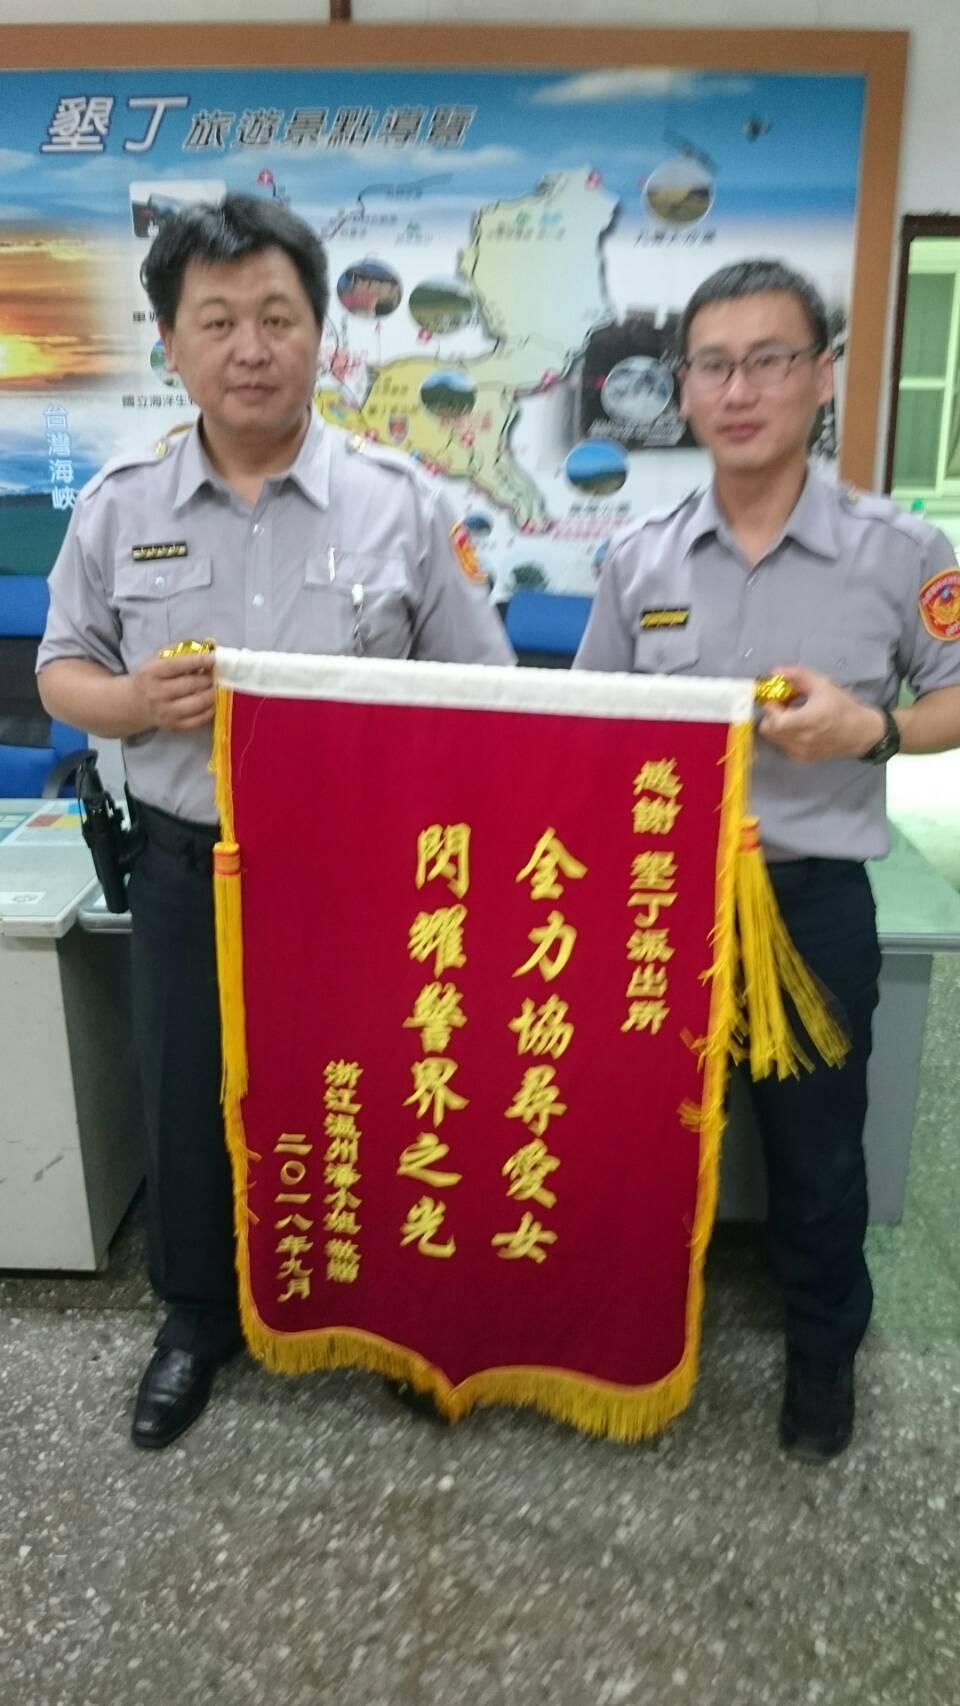 台湾警察收到大陆寄来的锦旗当场傻眼:头一回见